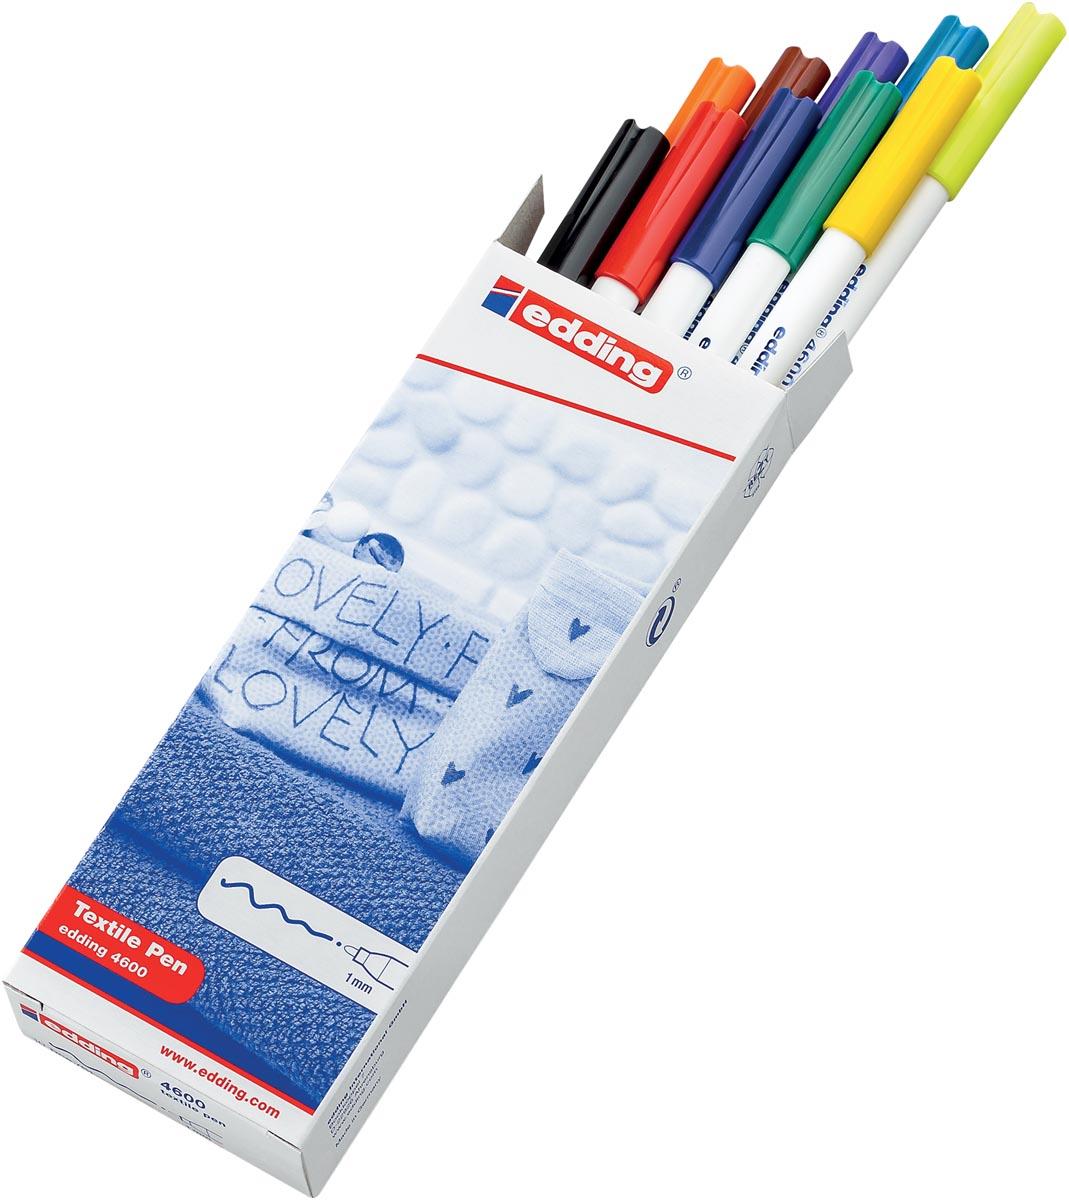 Edding textielstift 4600, doos met 10 stuks in basis kleuren